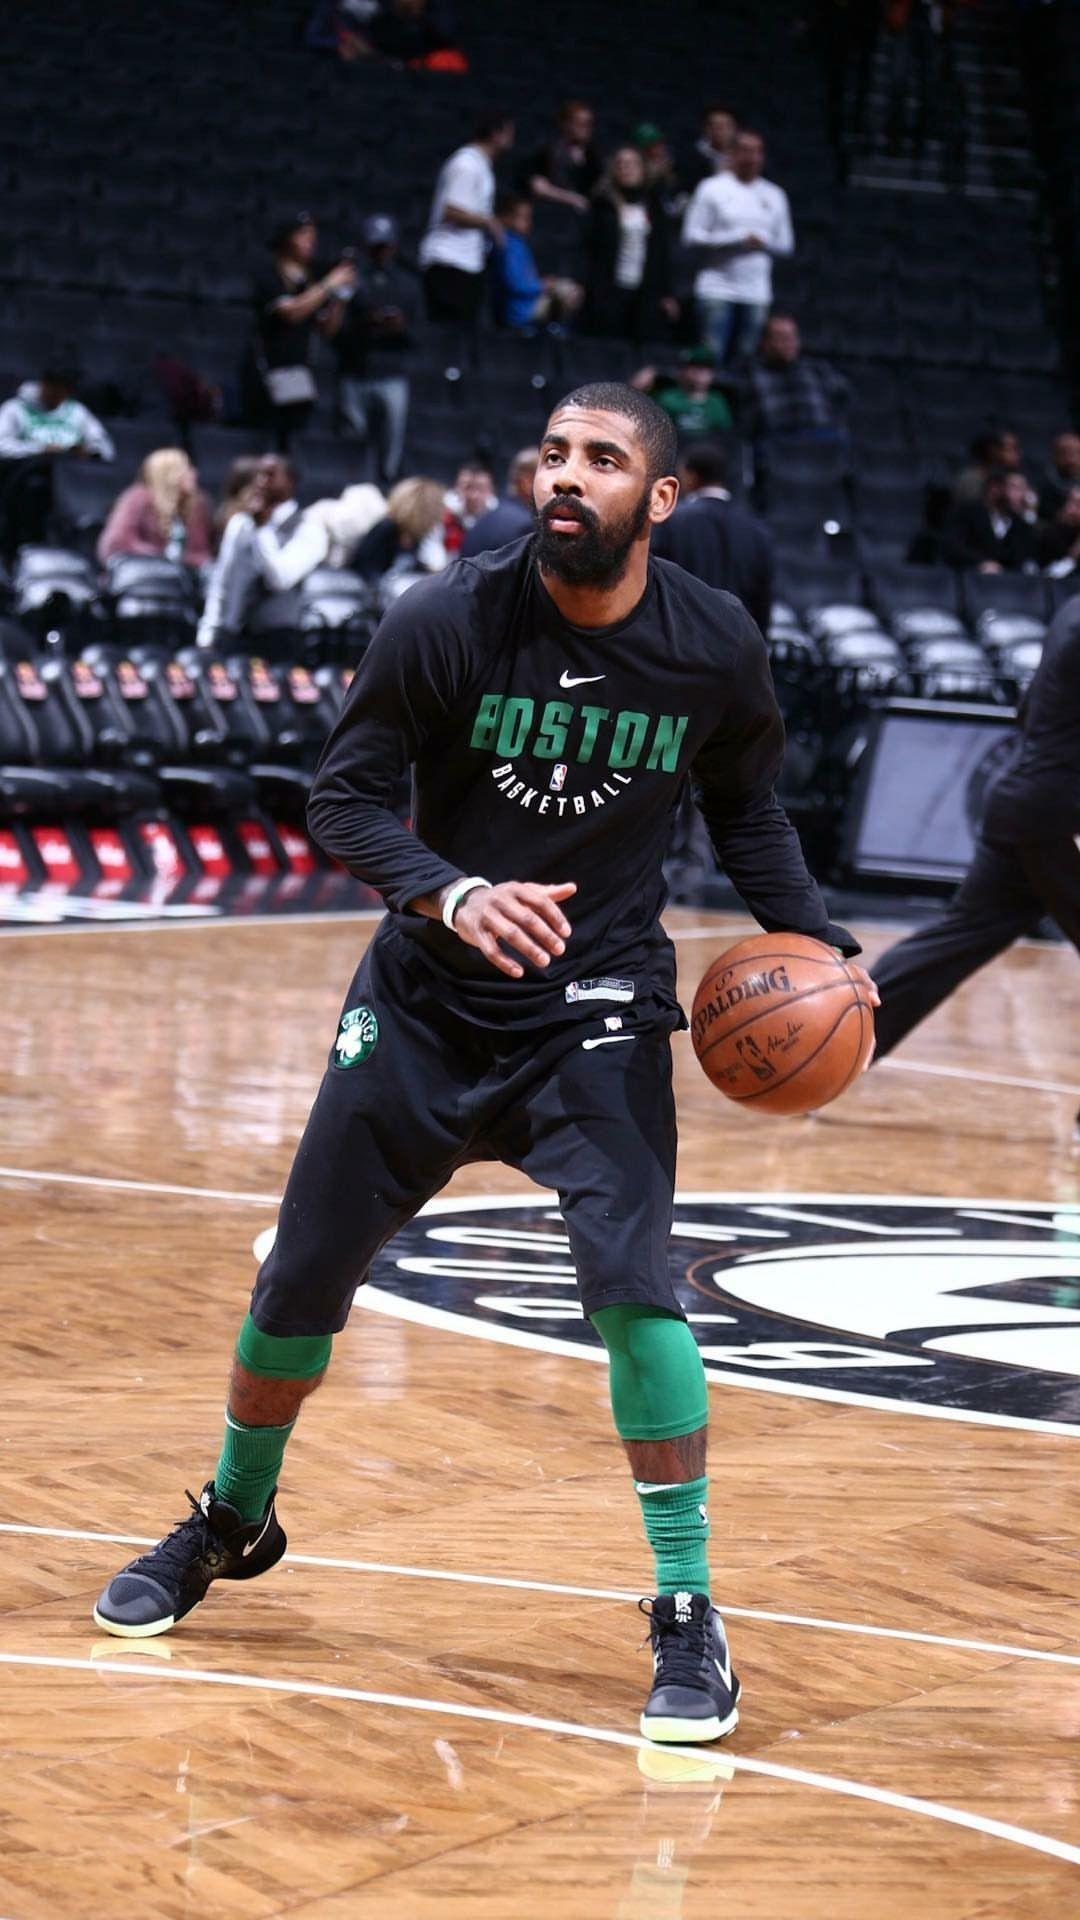 Kyrie Irving wallpaper バスケットボール選手, バスケットボール, バスケ